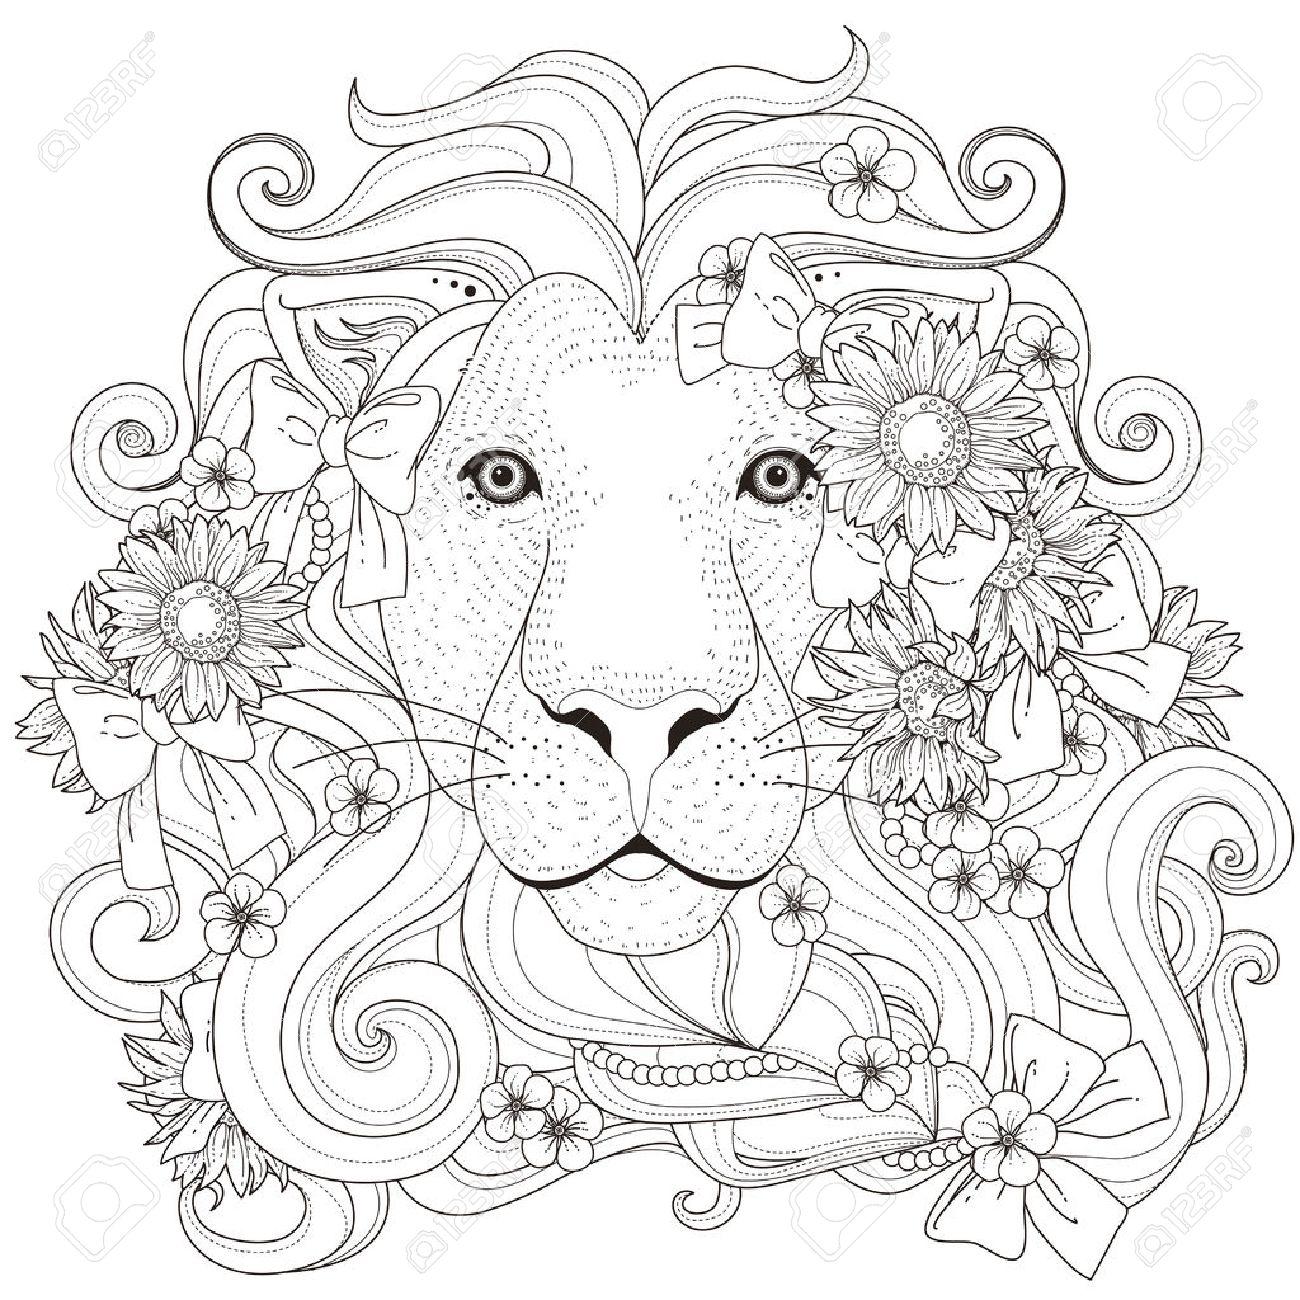 Schöne Löwe Mit Blumen Malvorlagen Im Exquisiten Stil Lizenzfrei